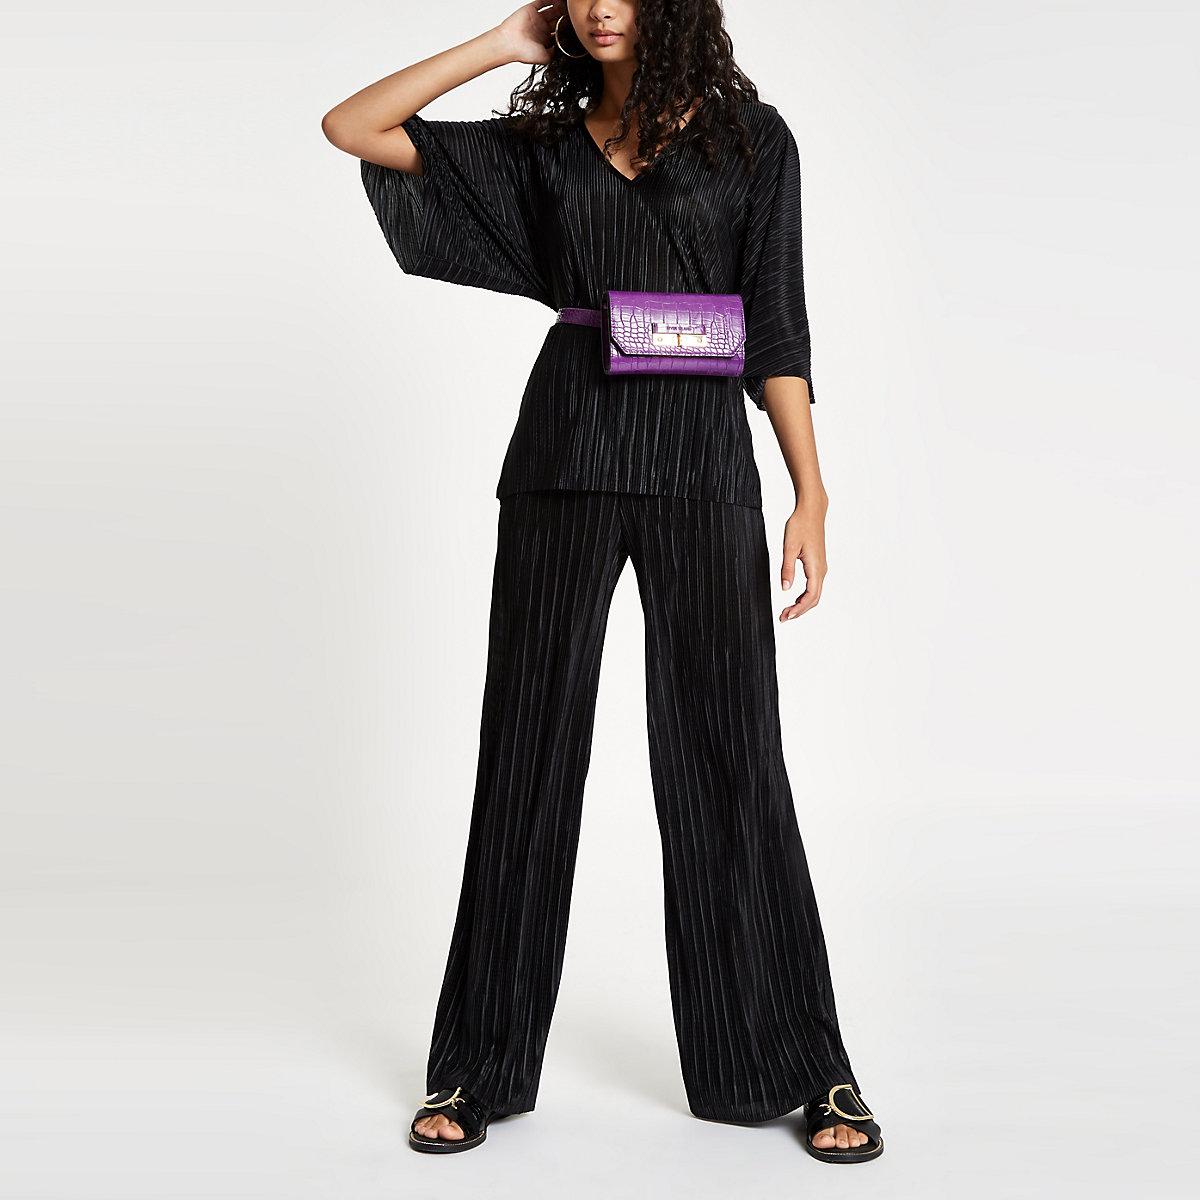 Schwarze Jersey-Hose mit weitem Beinschnitt